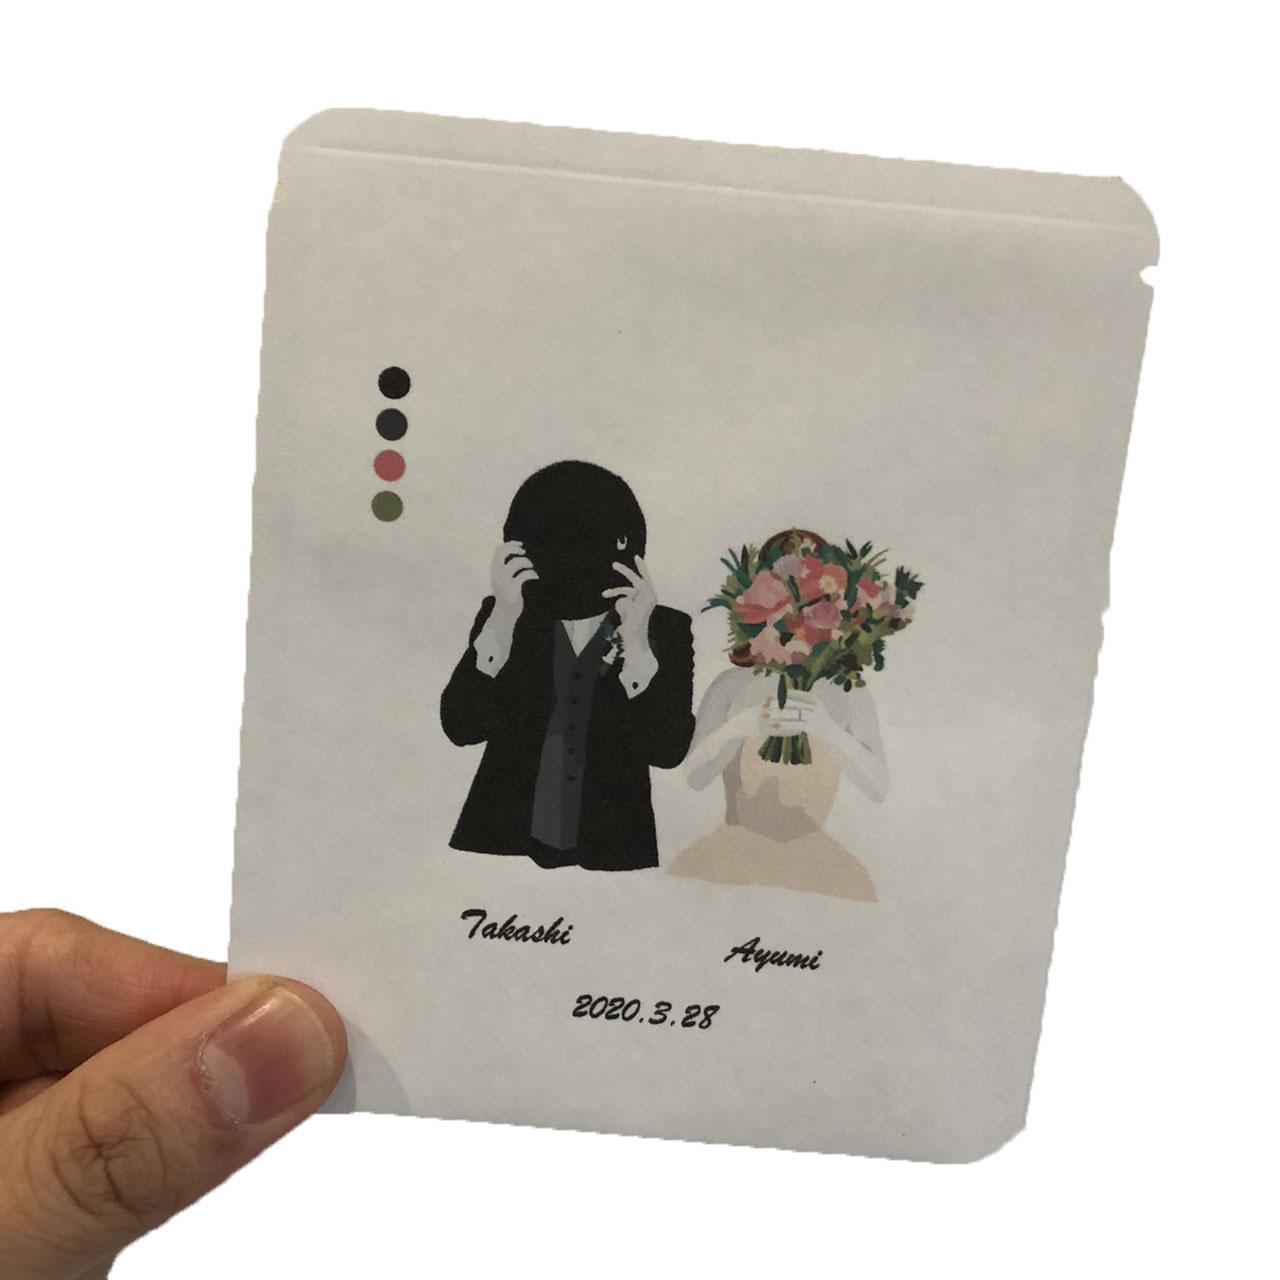 kato Mayu desing 花